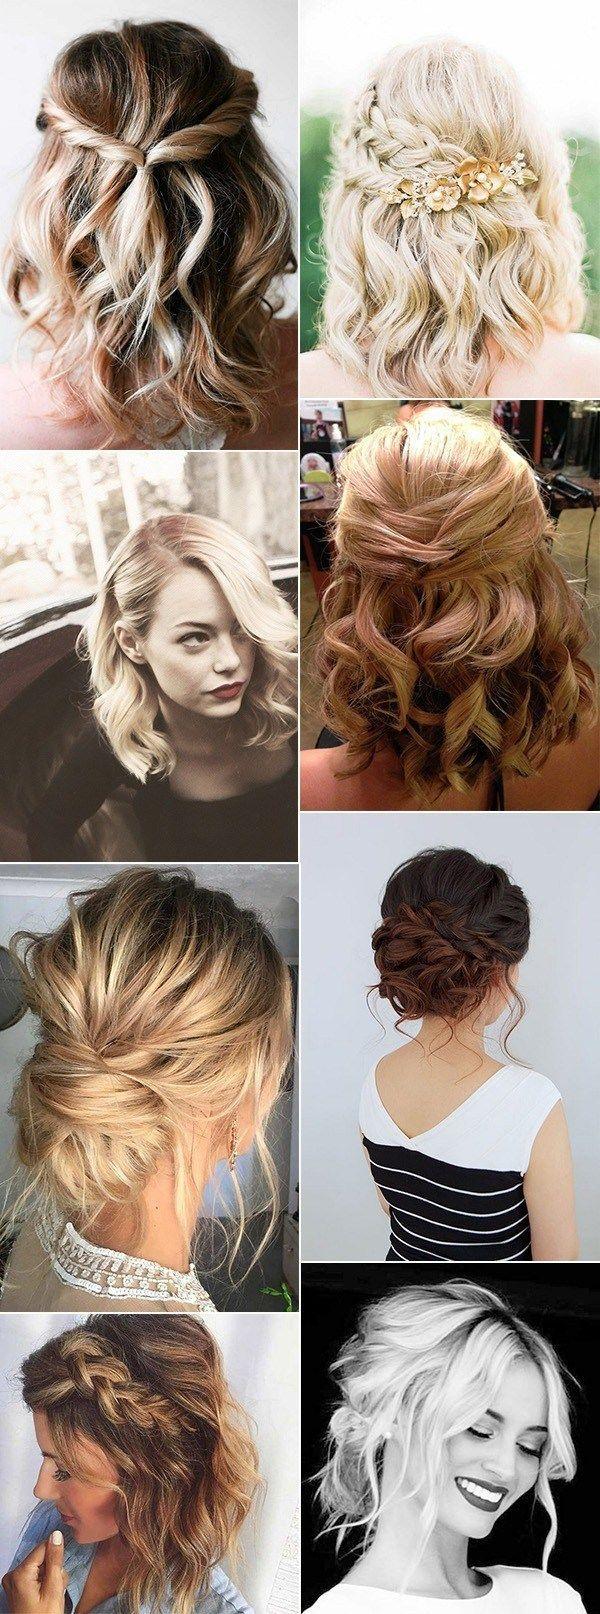 12 neueste Hochzeitsfrisuren für mittellanges Haar